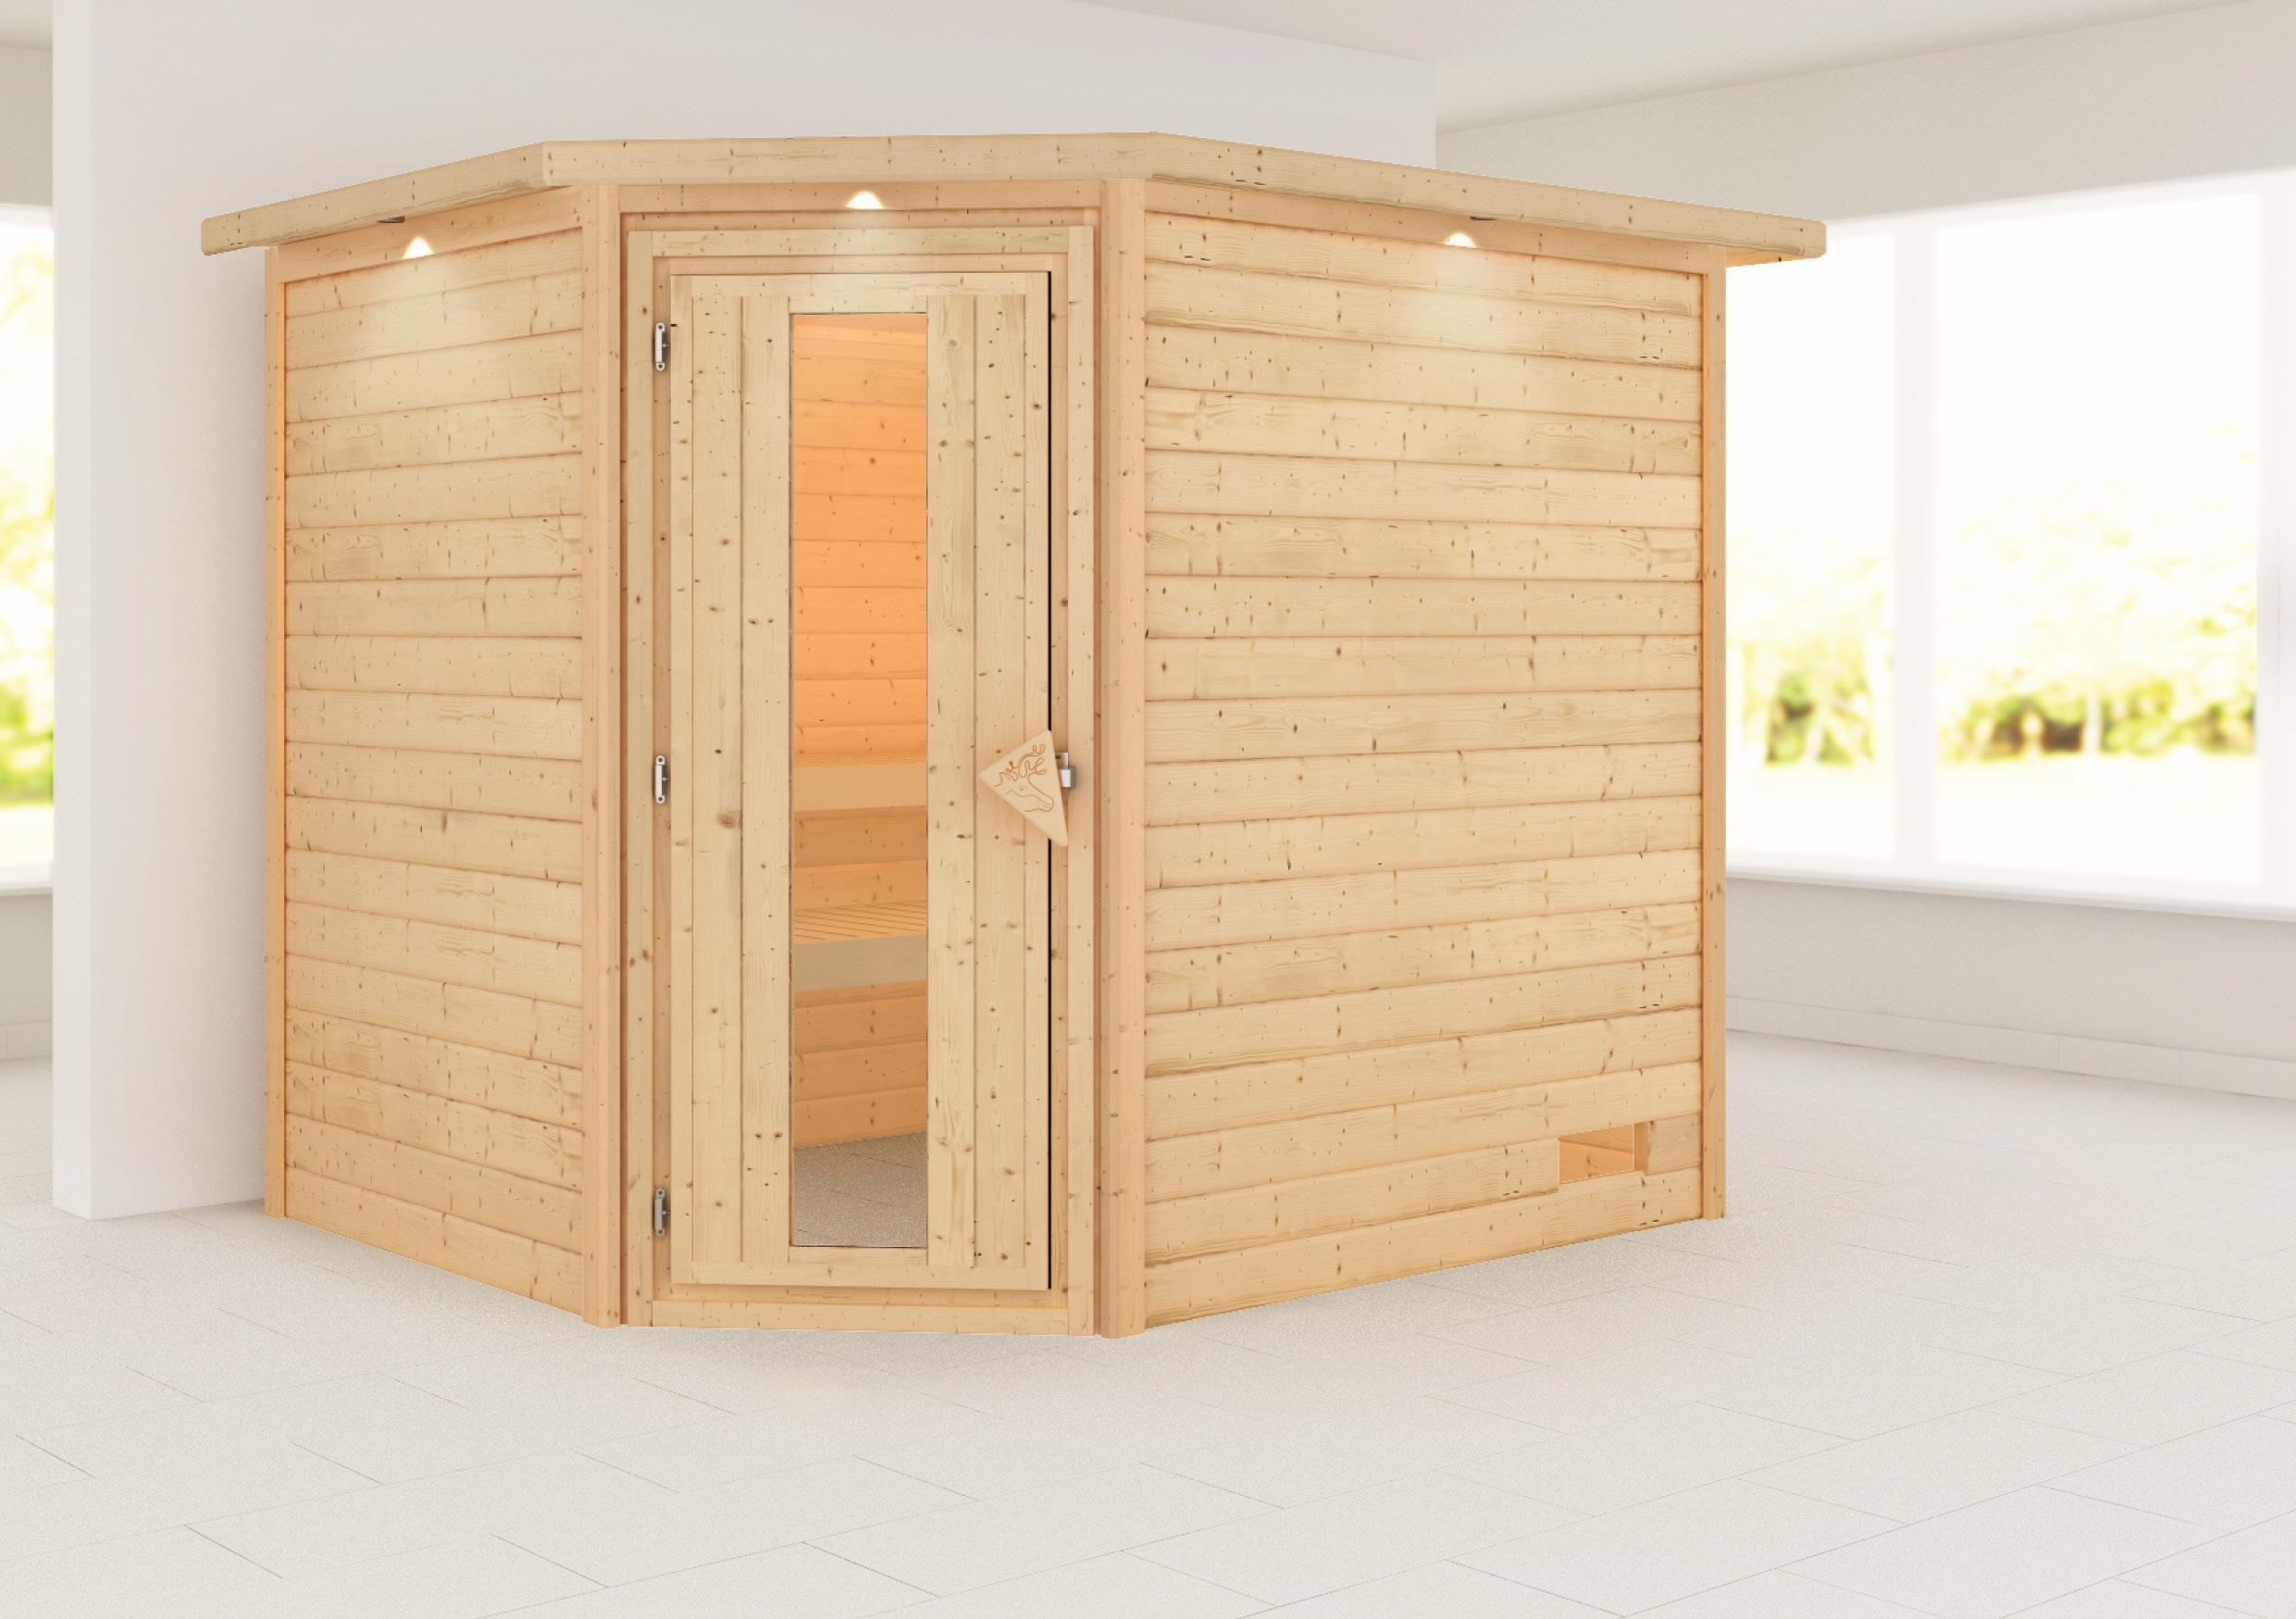 Woodfeeling Sauna Lisa 38mm Kranz ohne Ofen Tür Holz Bild 1